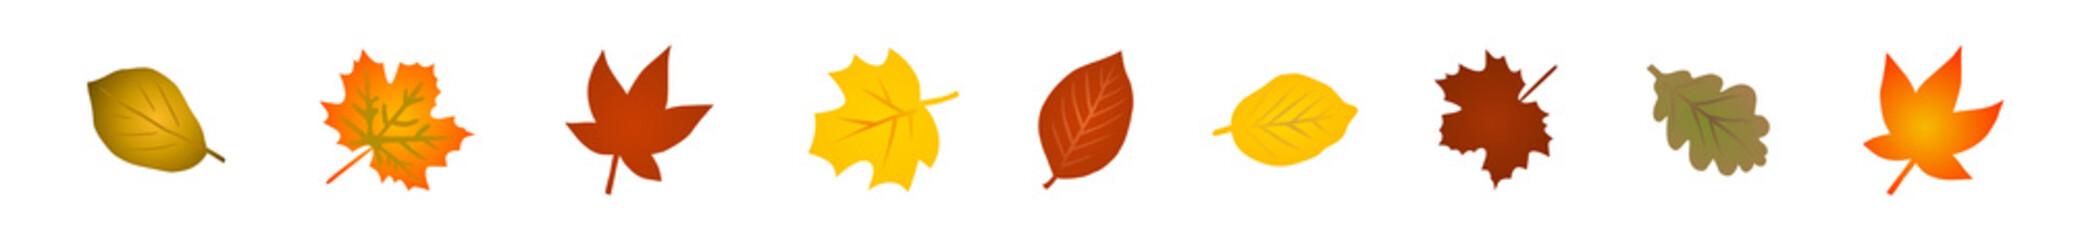 Vektor-Set: Bunte Herbstblätter